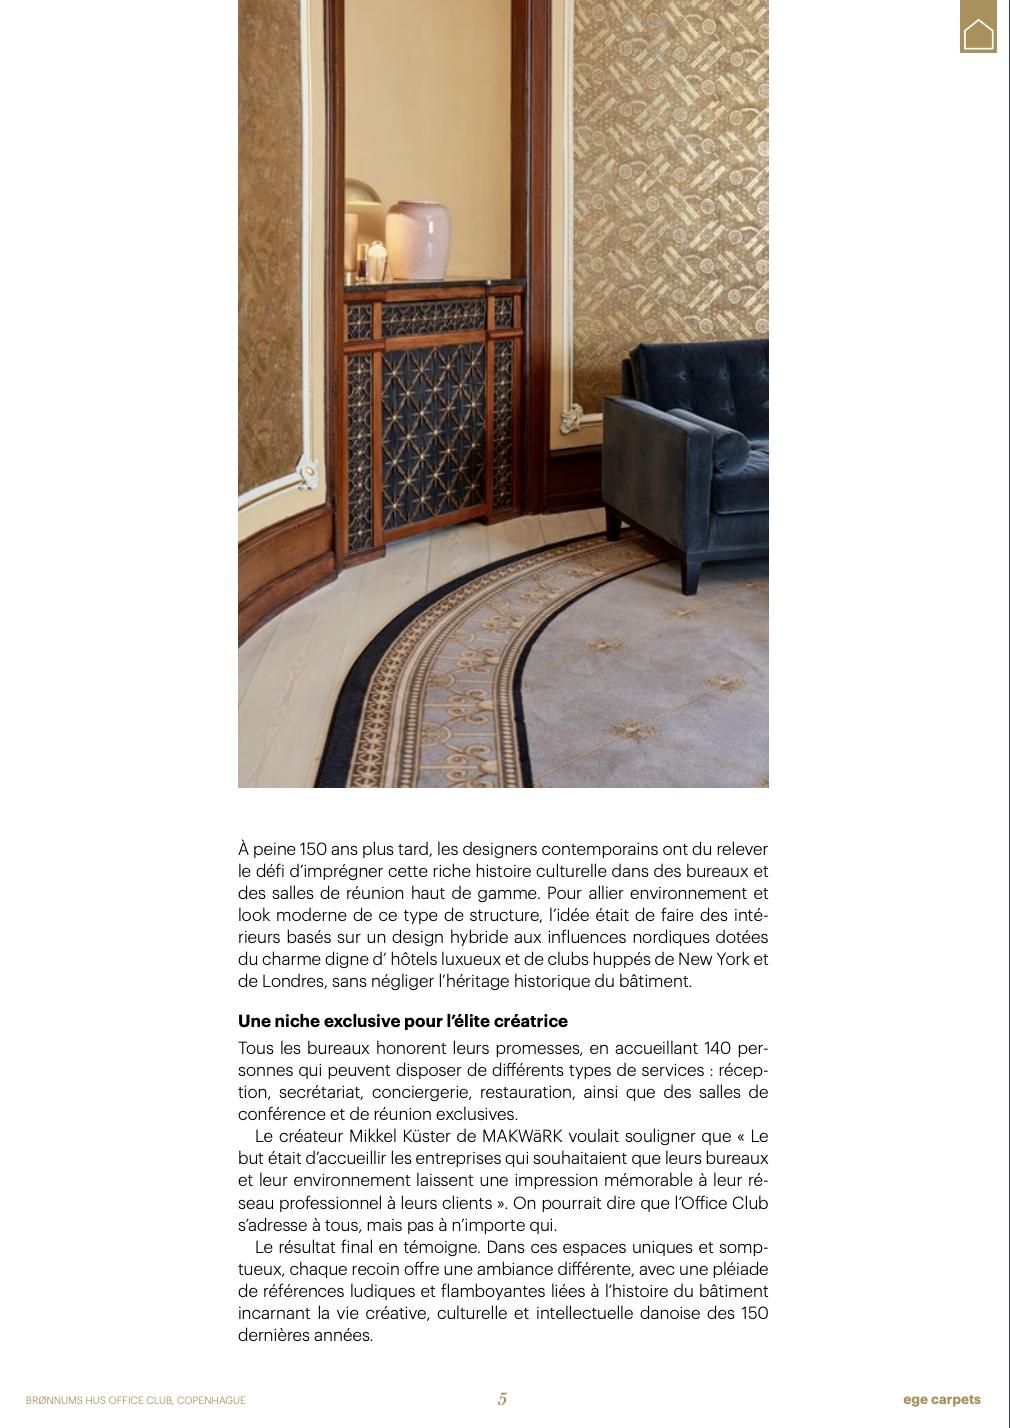 10 Amazing Carpet Cases We Love - 5 - fr